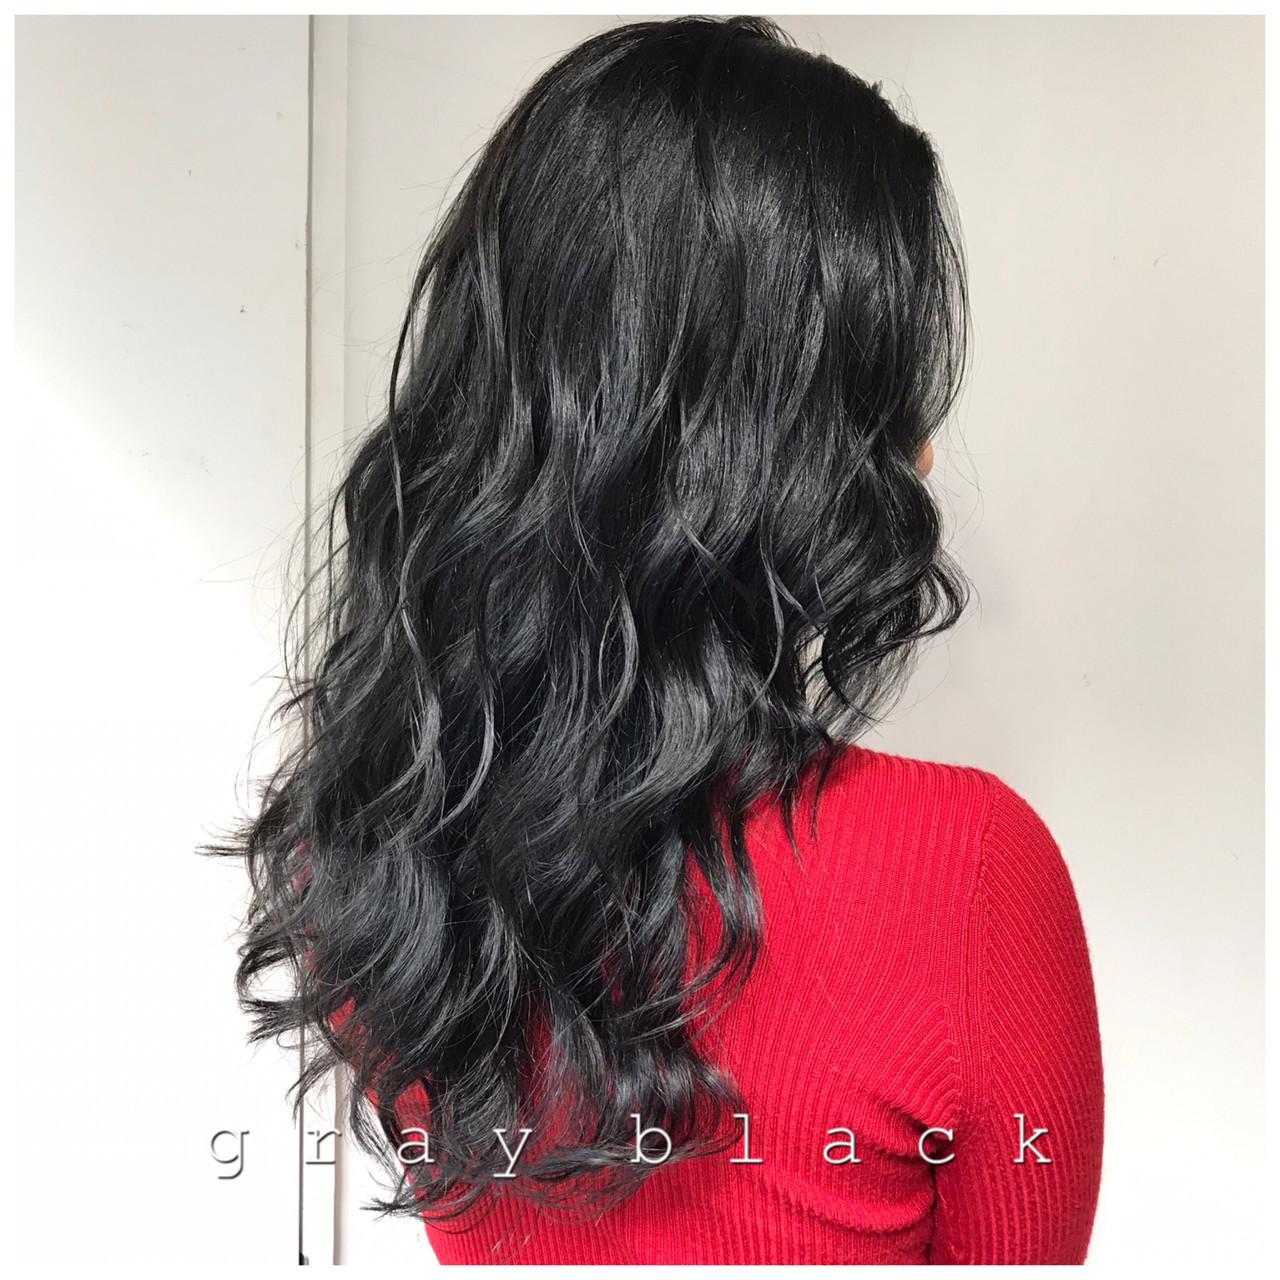 モード ミディアム アッシュグレージュ ネイビー ヘアスタイルや髪型の写真・画像